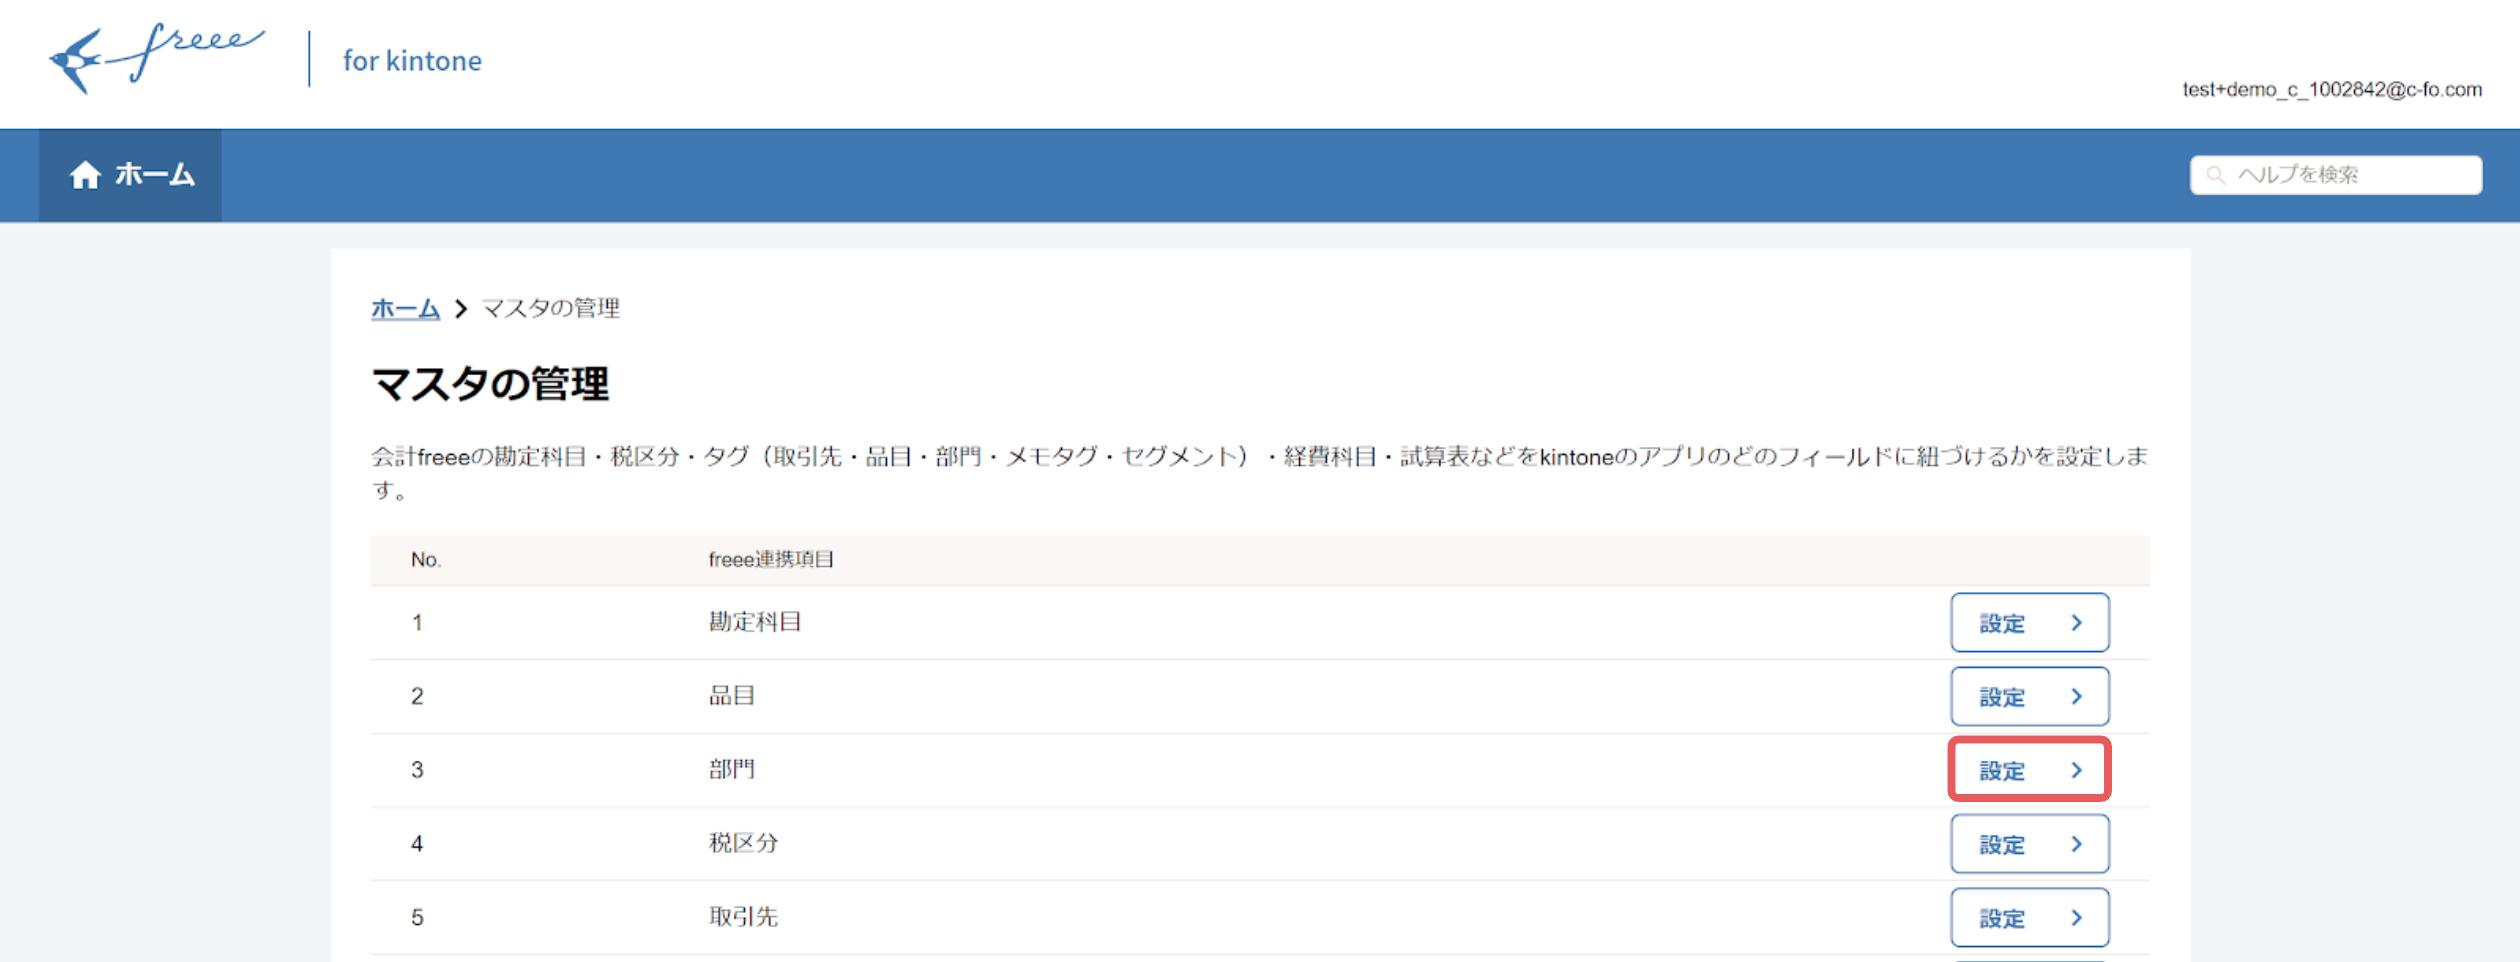 Screen_Shot_2020-07-09_at_16.31.19.png